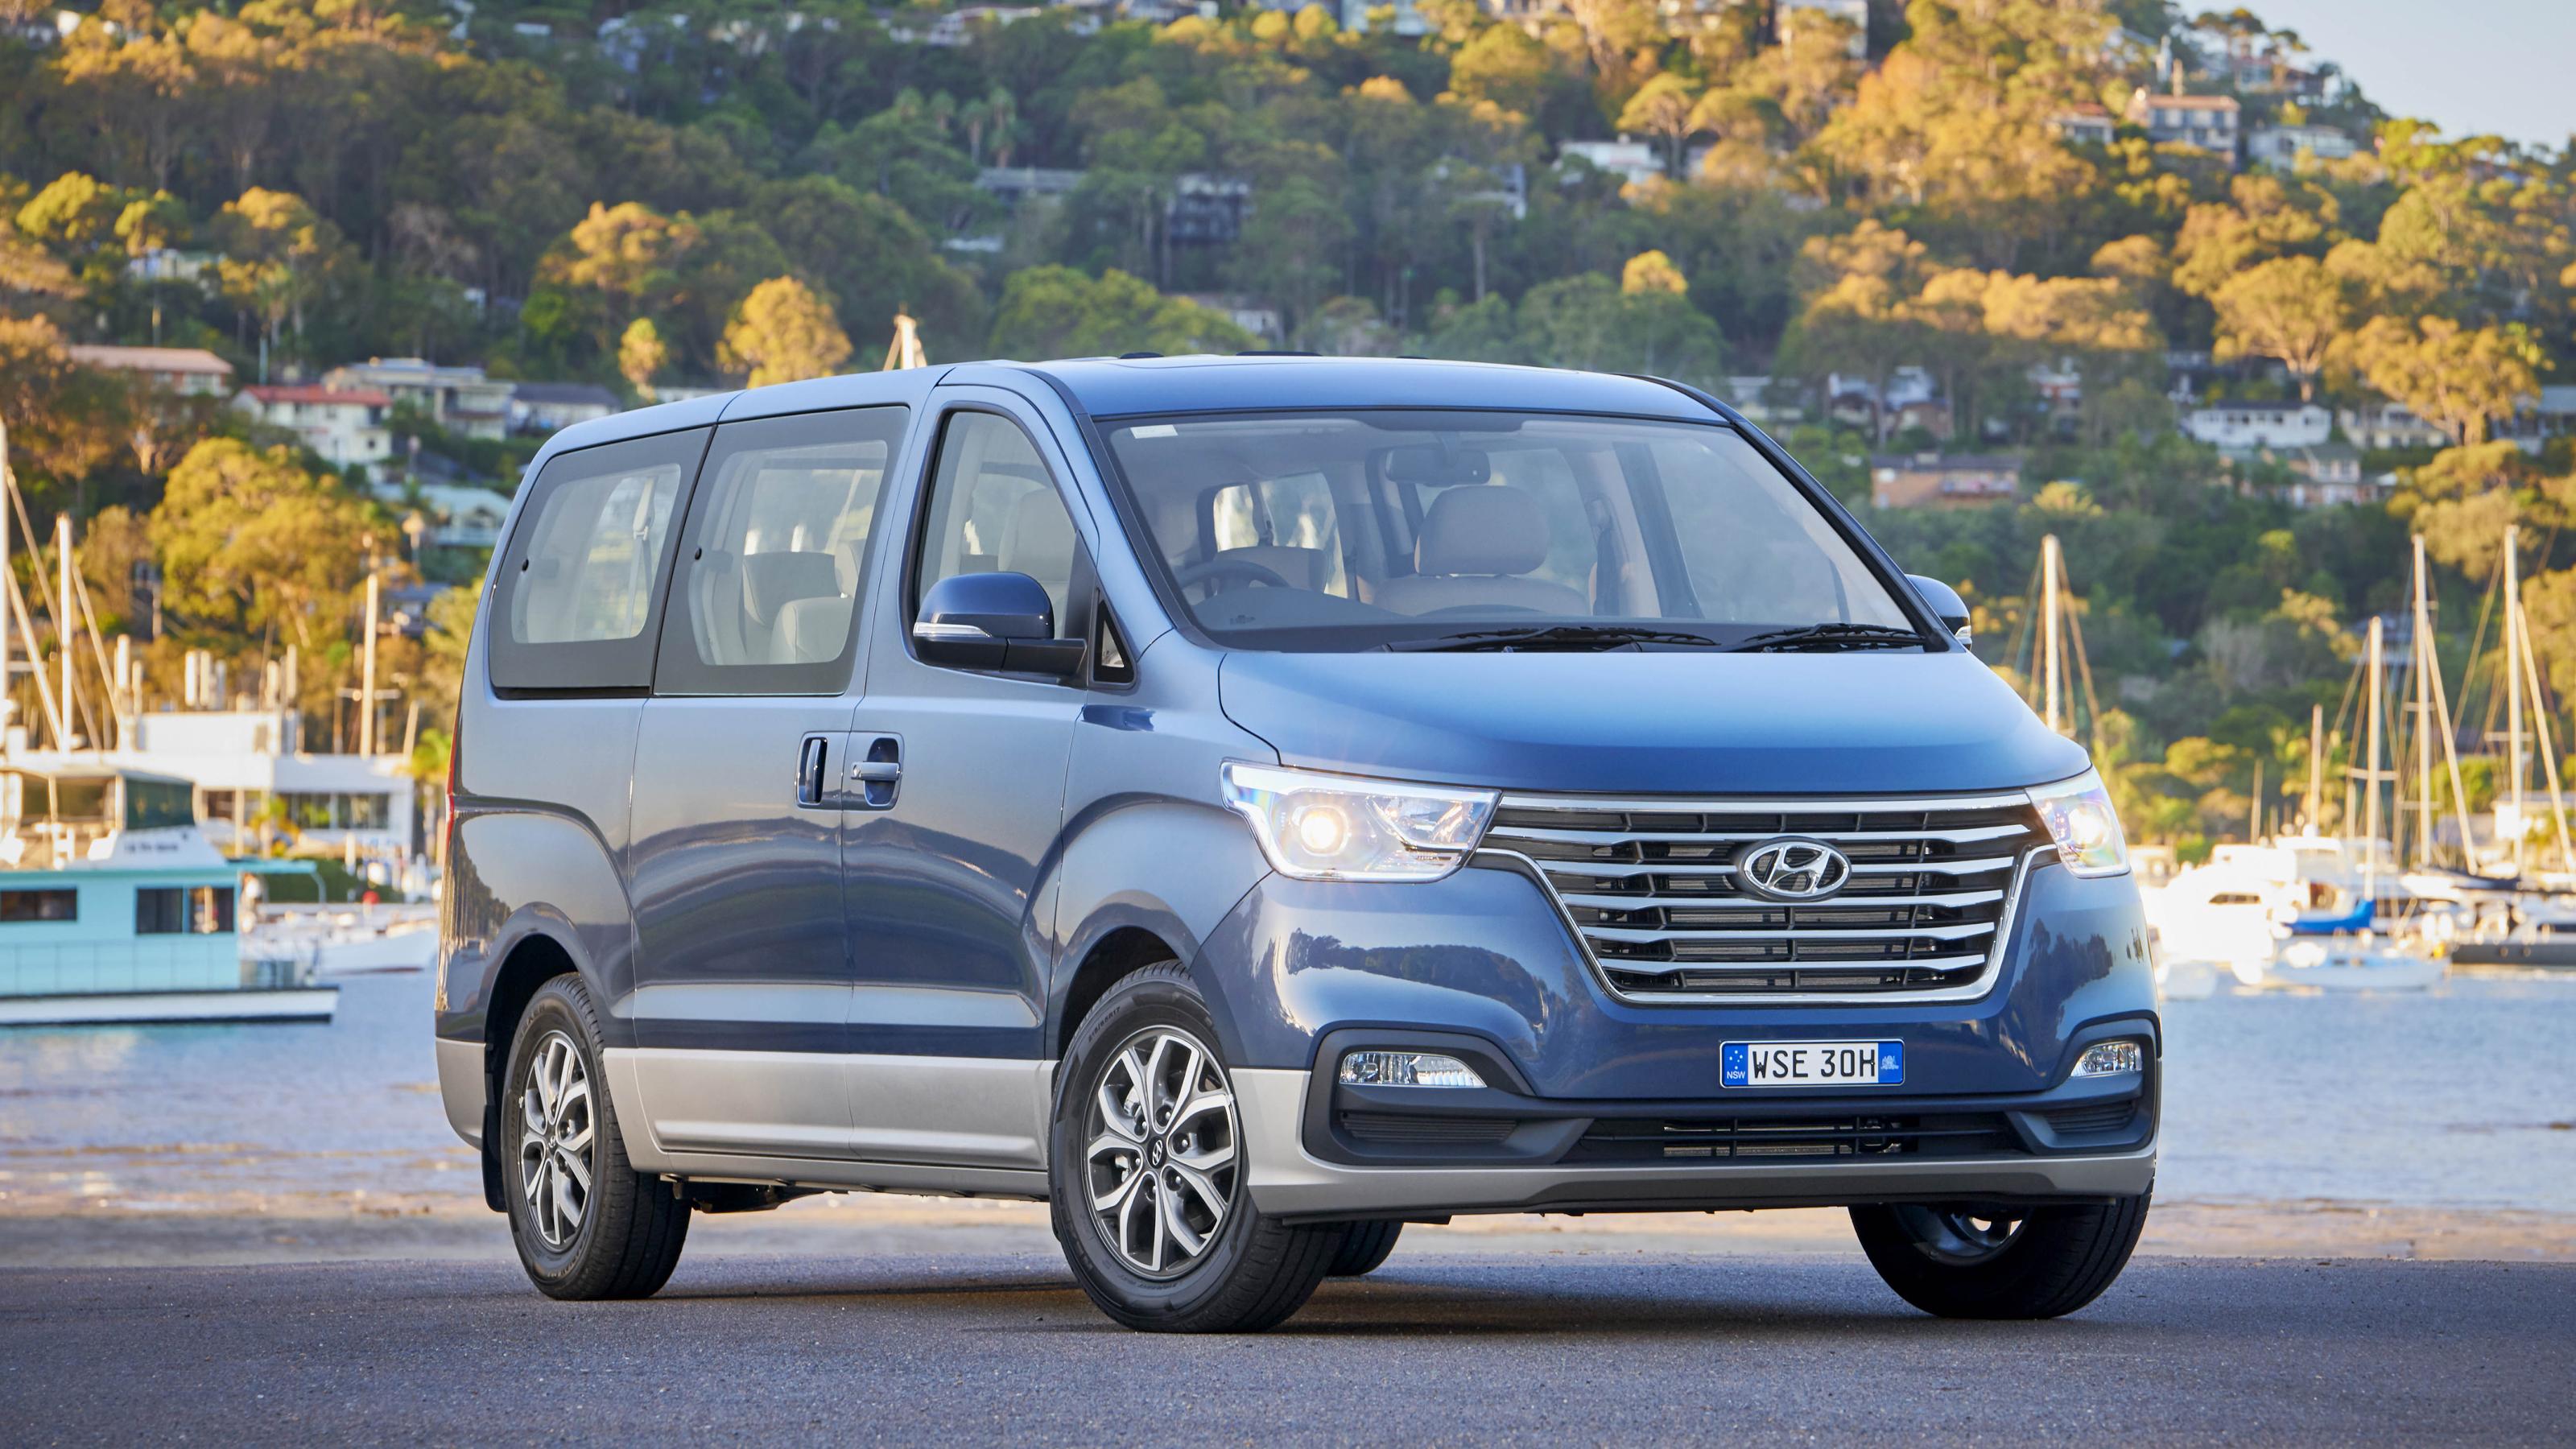 2019 Hyundai iMax.